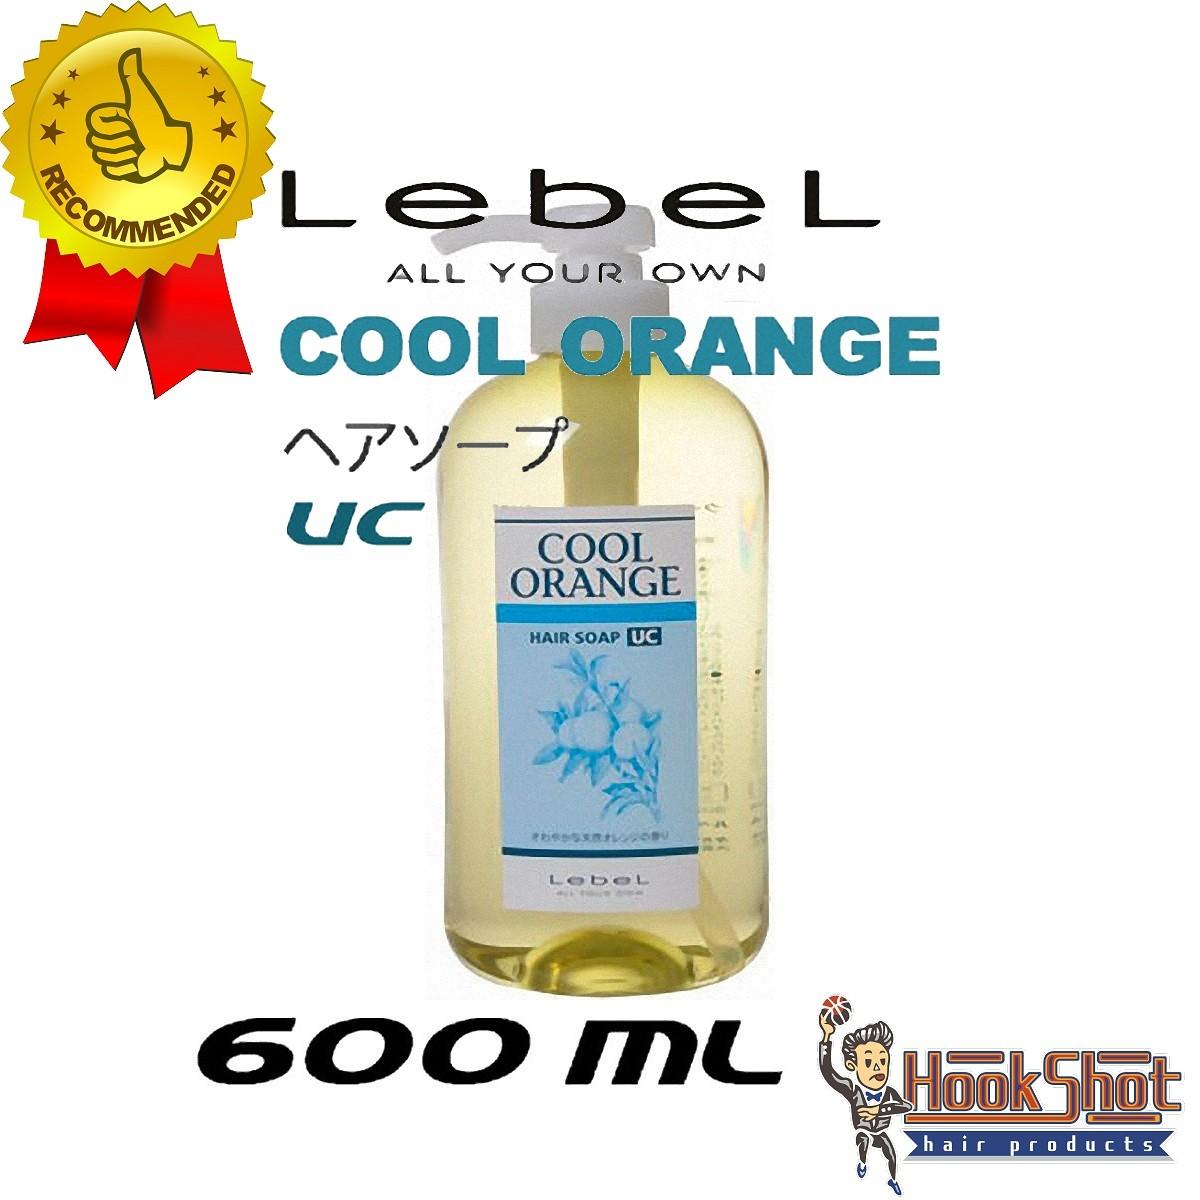 店長 Lebel 冷橘 COOL ORANGE 酷涼型UC洗髮精 600ML 深層潔淨不乾